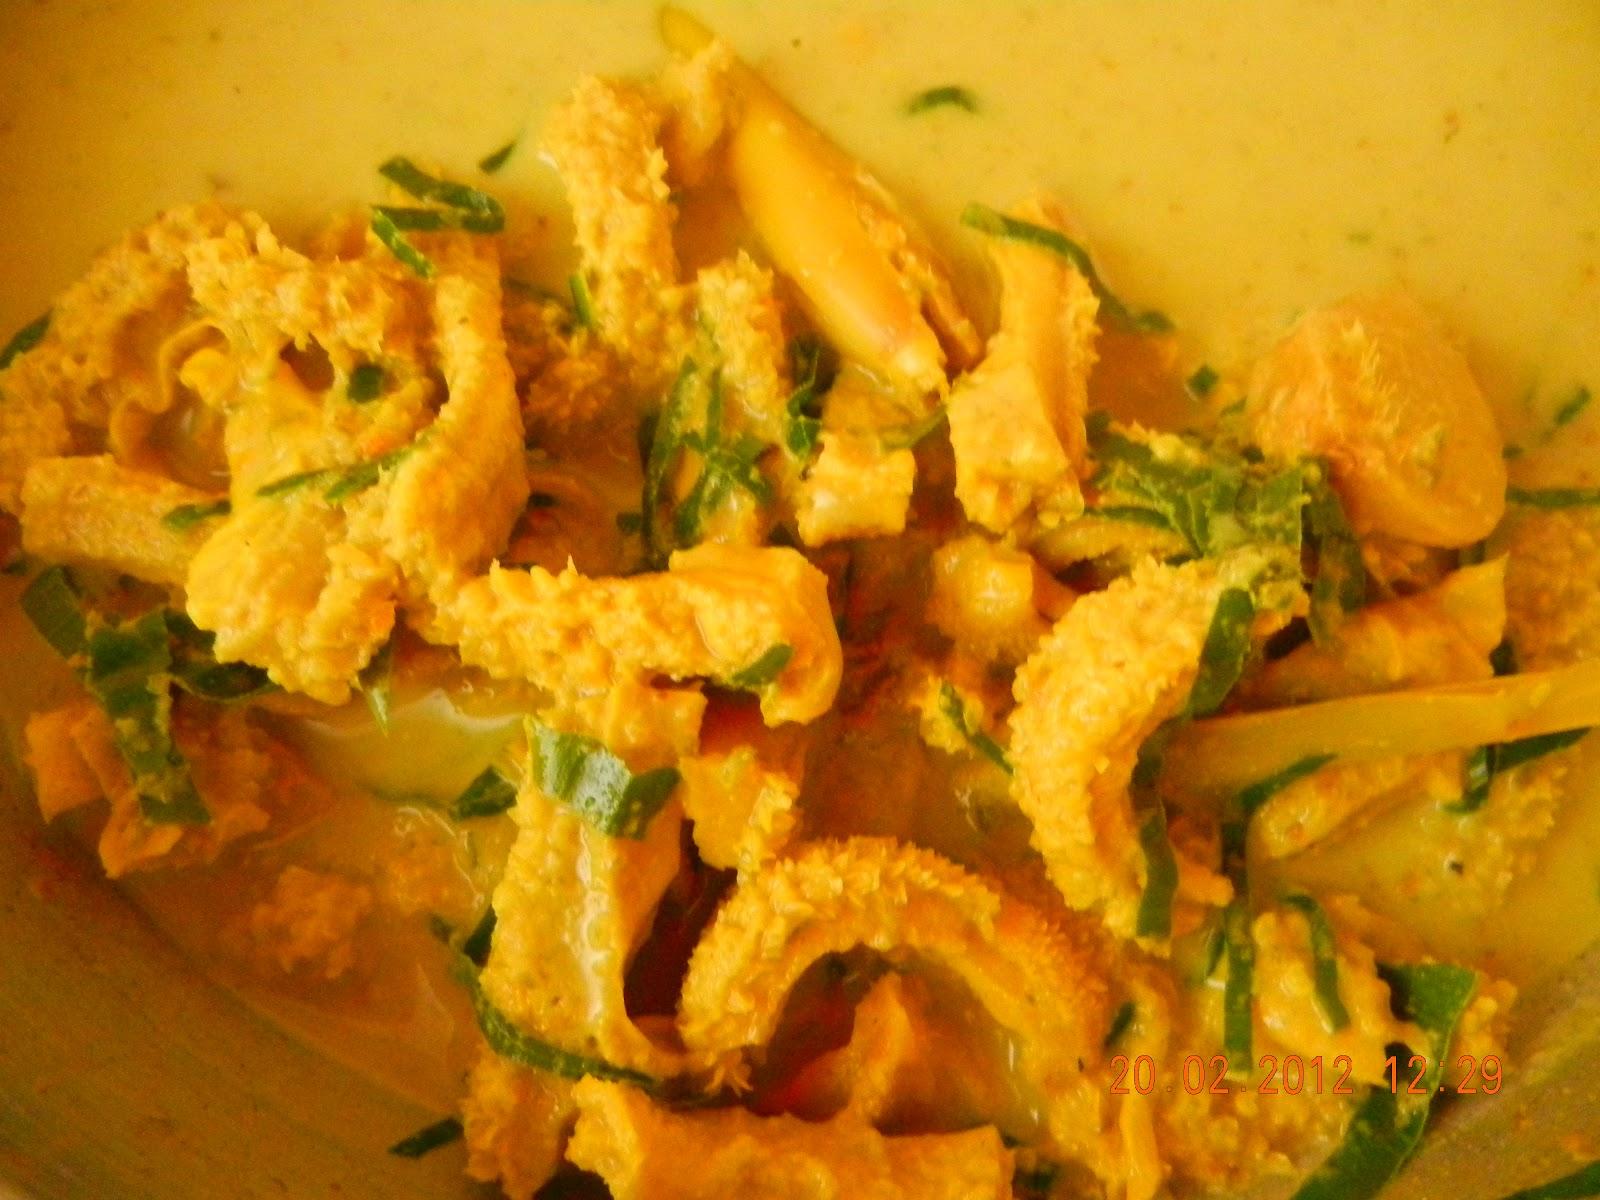 10 Resipi Masakan Masak Lemak Cili Padi Popular Di Negeri